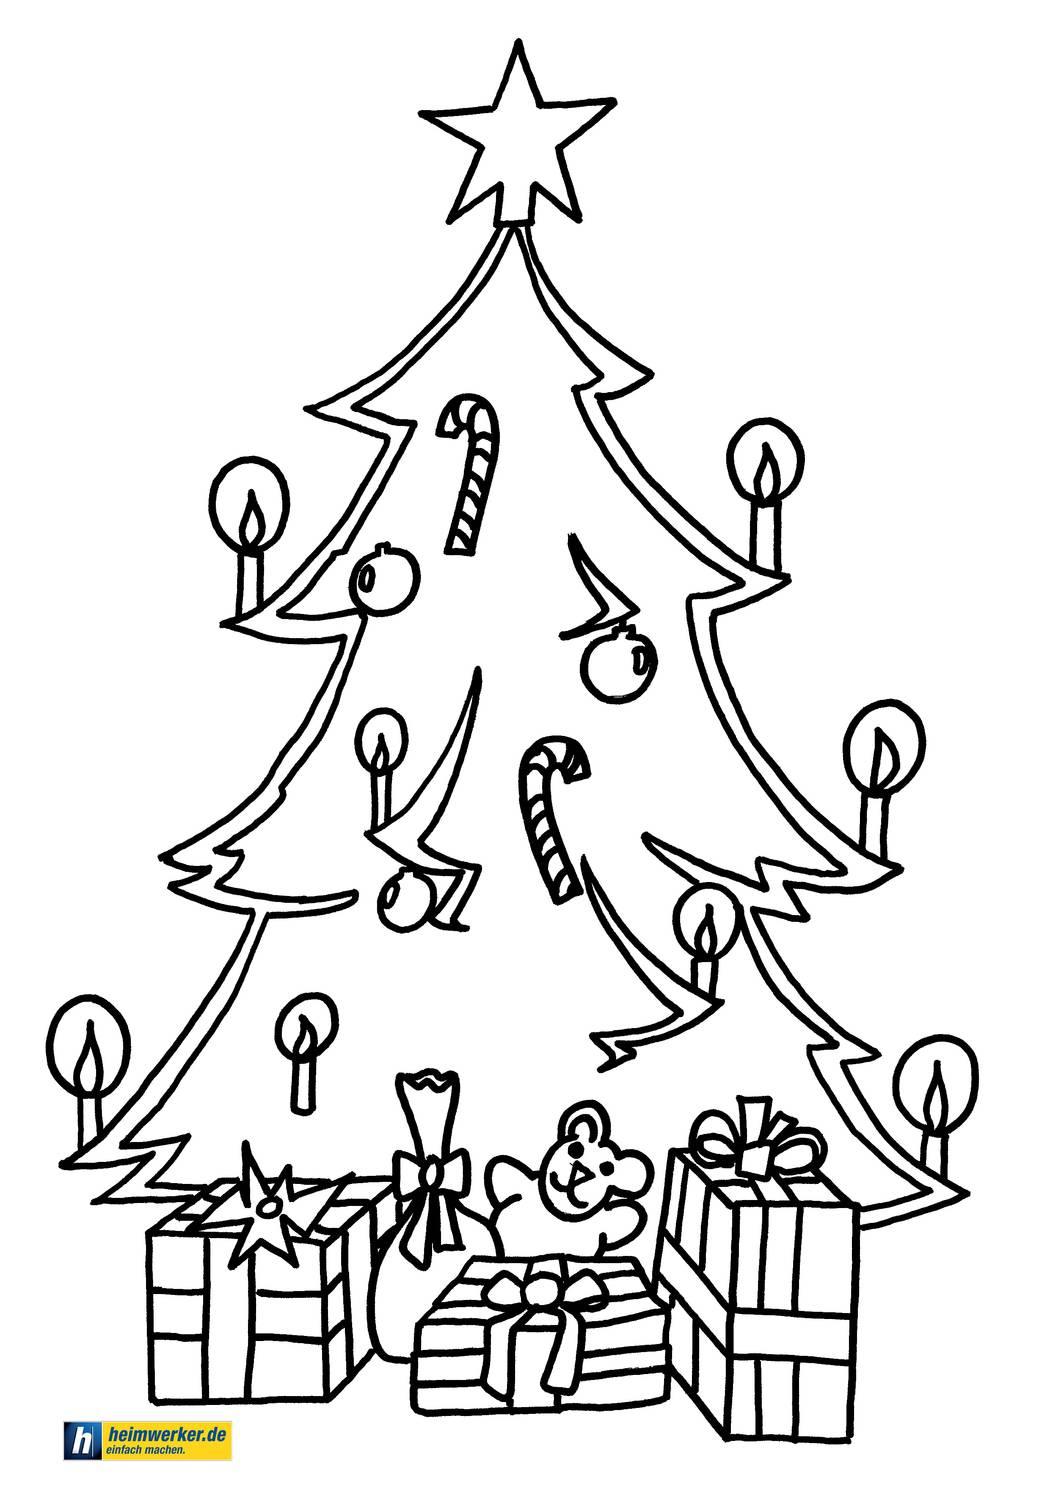 Malvorlagen Zu Weihnachten - Die Schönsten Ausmalbilder Zum für Malvorlagen Tannenbaum